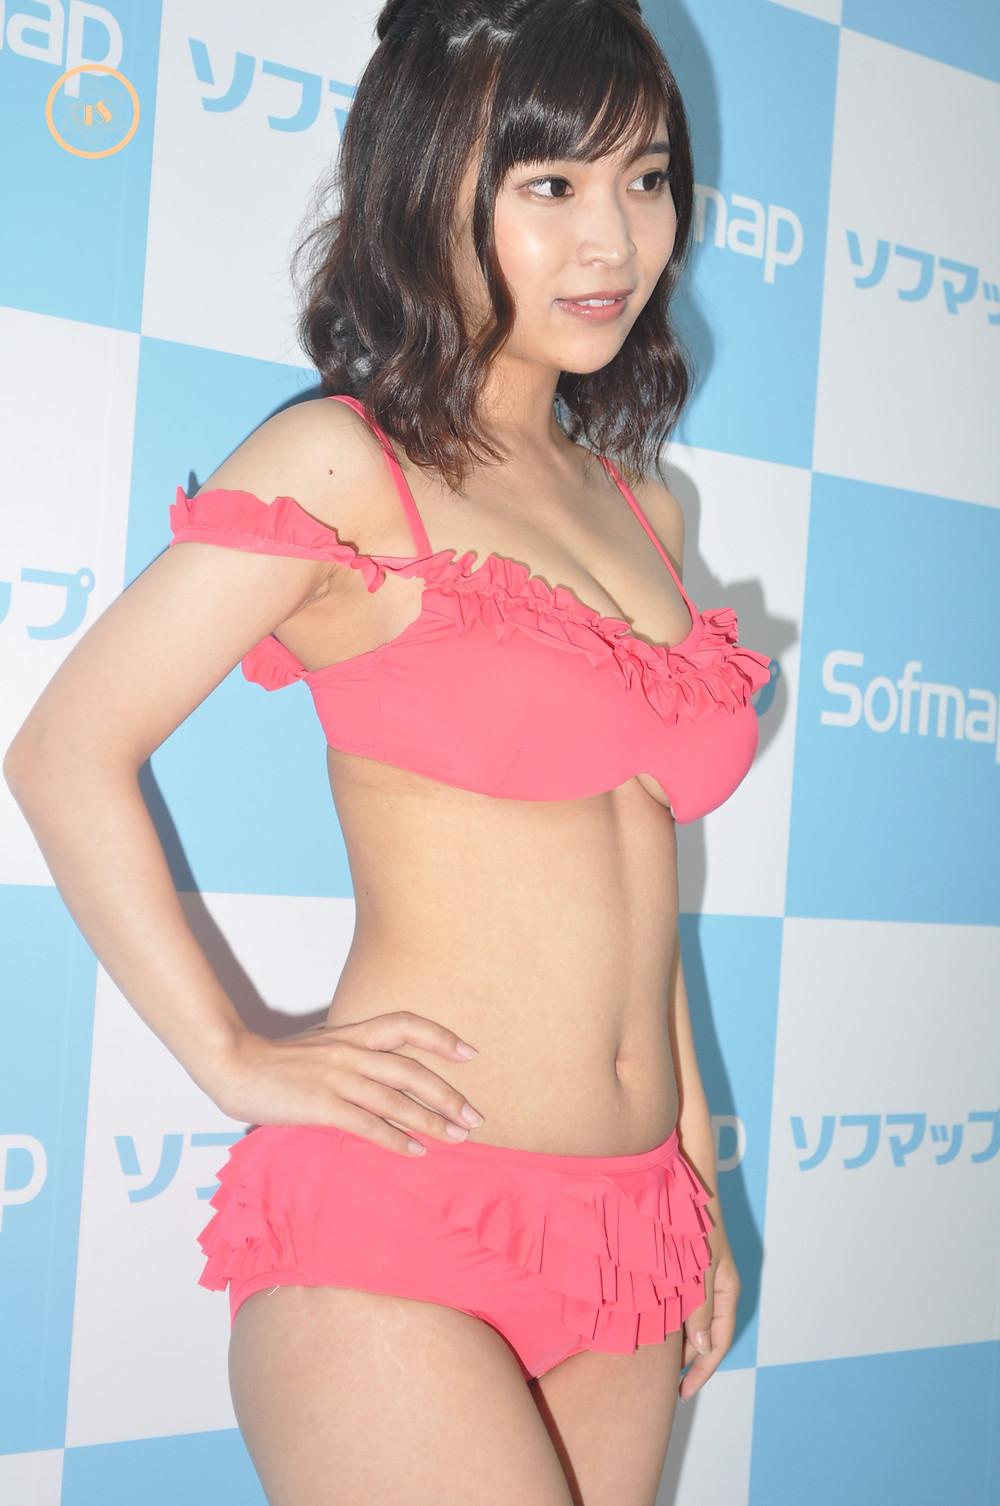 巨乳グラビアアイドル白石若奈『Sweet Emotion/スパイスビジュアル』DVD発売記念イベント (12)